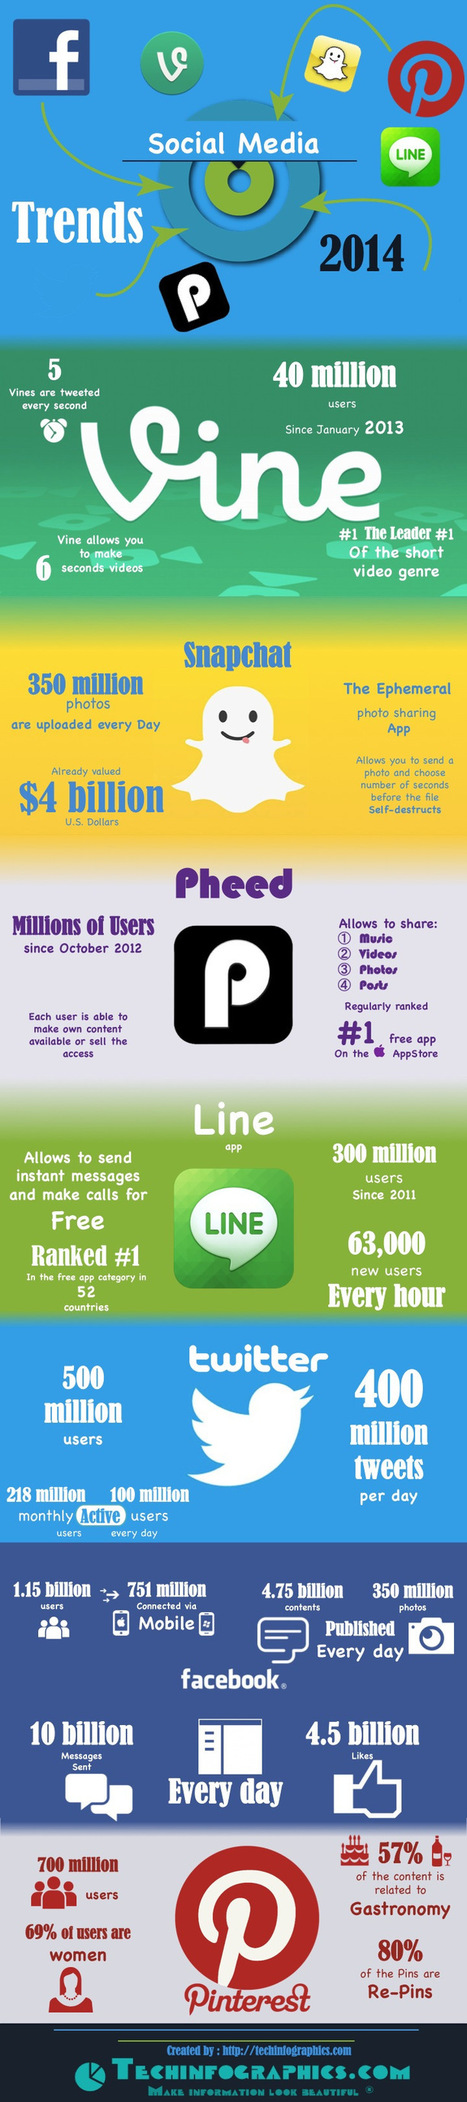 Tendencias en Redes Sociales para 2014 #infografia #infographic #socialmedia | AsesoriaWeb20 | Scoop.it